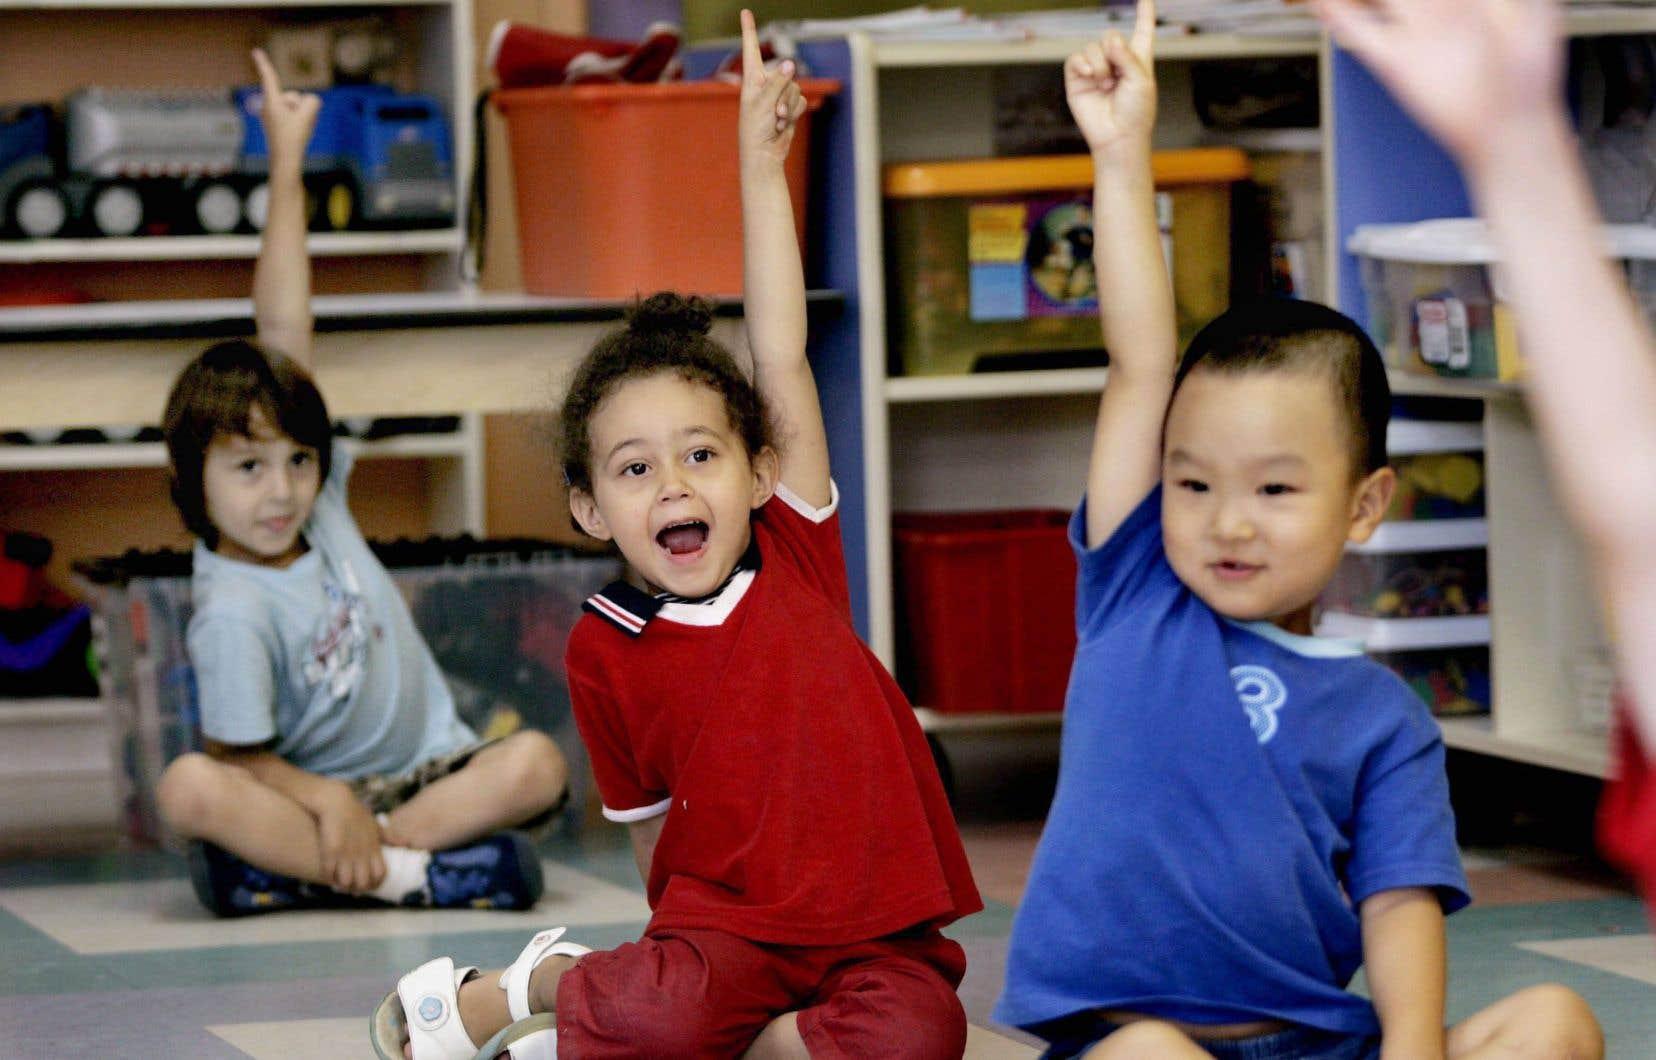 Le projet de loi 143 vise à resserrer le contrôle du gouvernement sur les garderies privées, dans l'objectif de favoriser la réussite scolaire en intervenant auprès des enfants dès leur plus jeune âge.